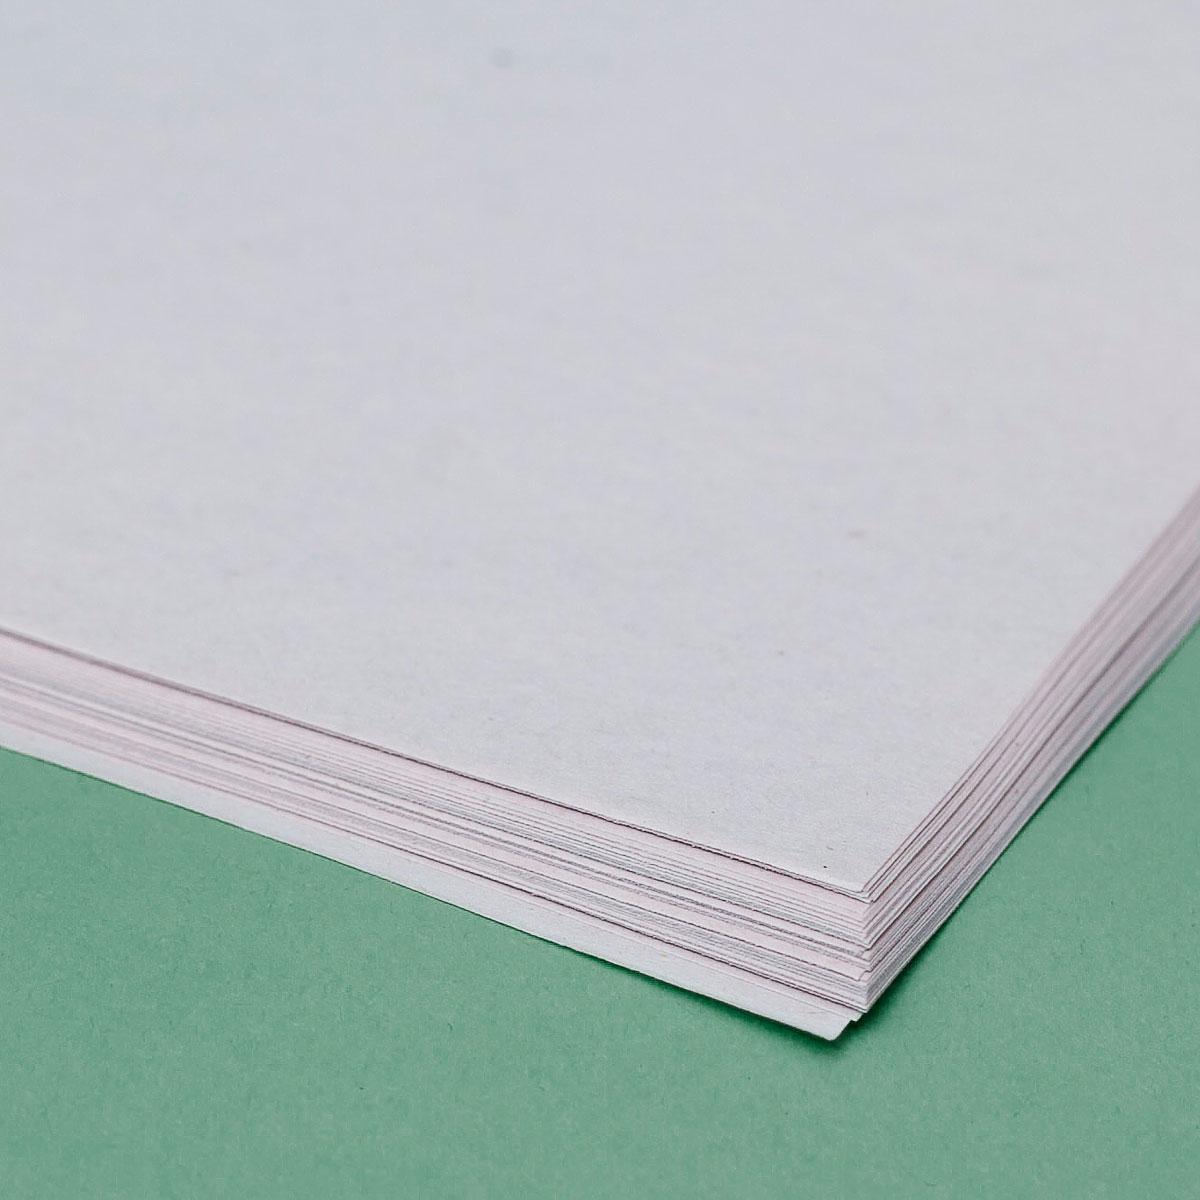 Бумага газетная для печатных изданий 48,8 гр\м2. Формат А4,А3,А2